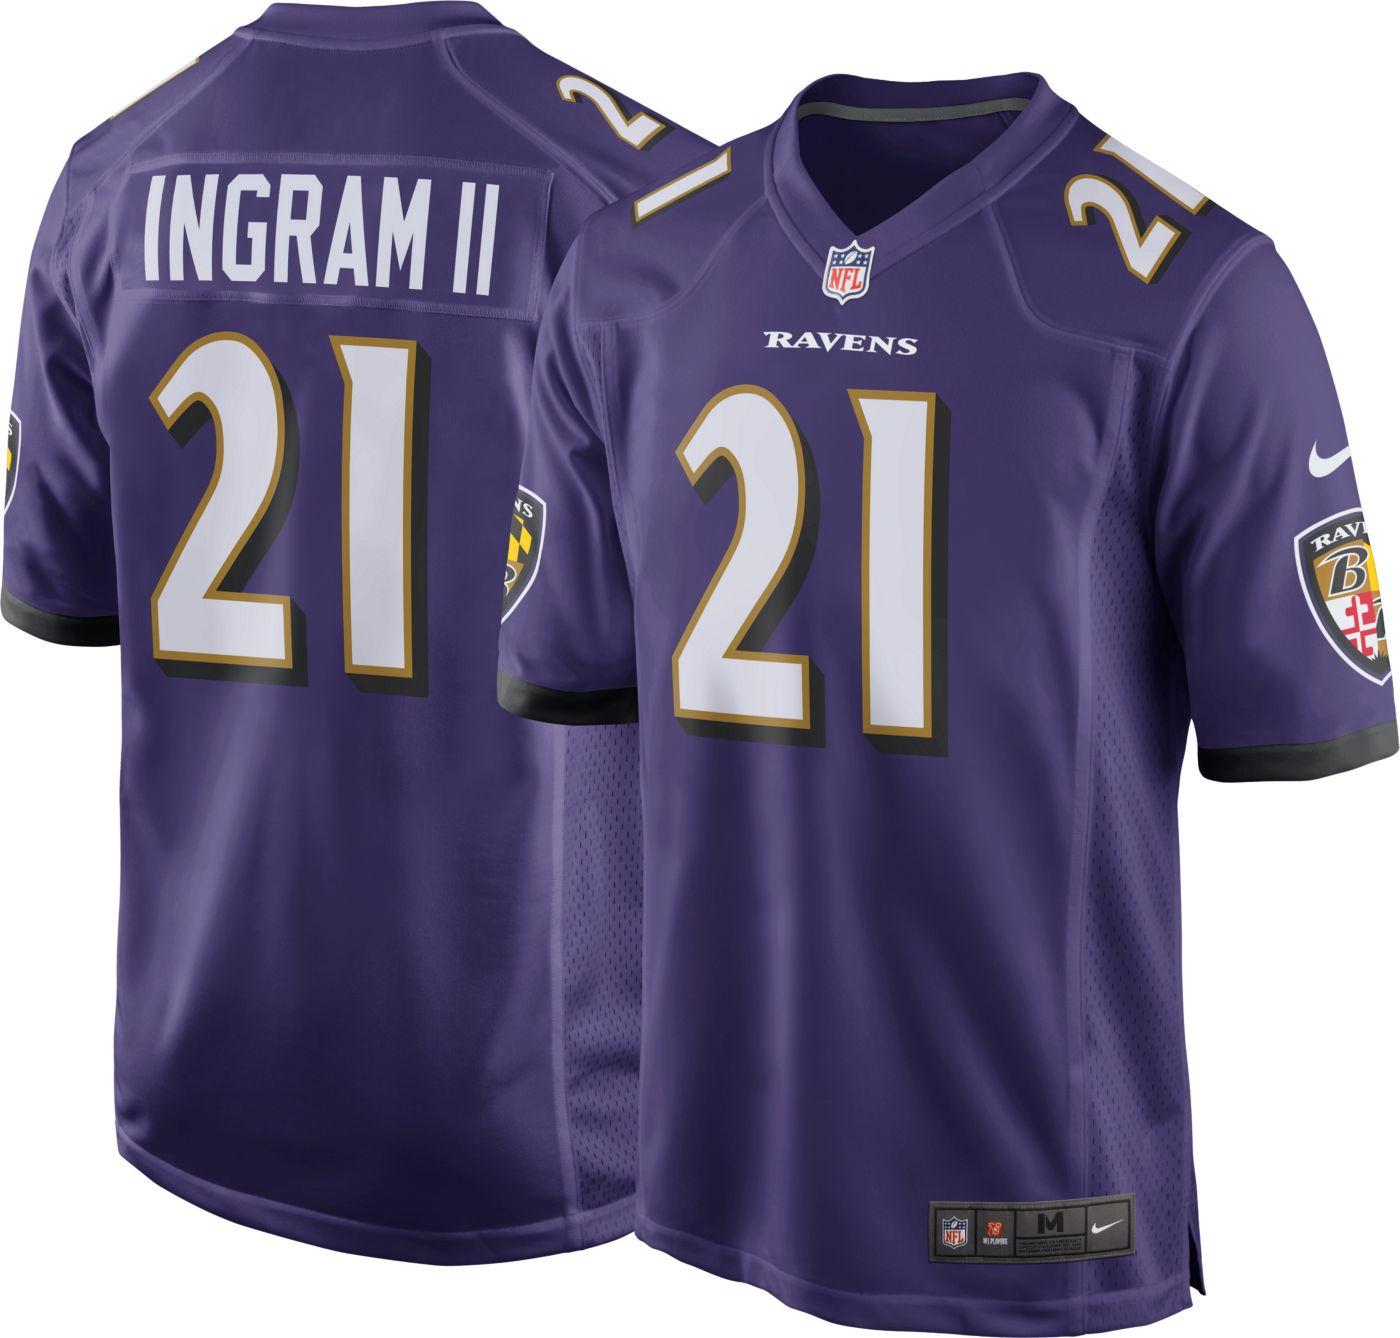 Nike Men's Baltimore Ravens Home Game Jersey Mark Ingram #21